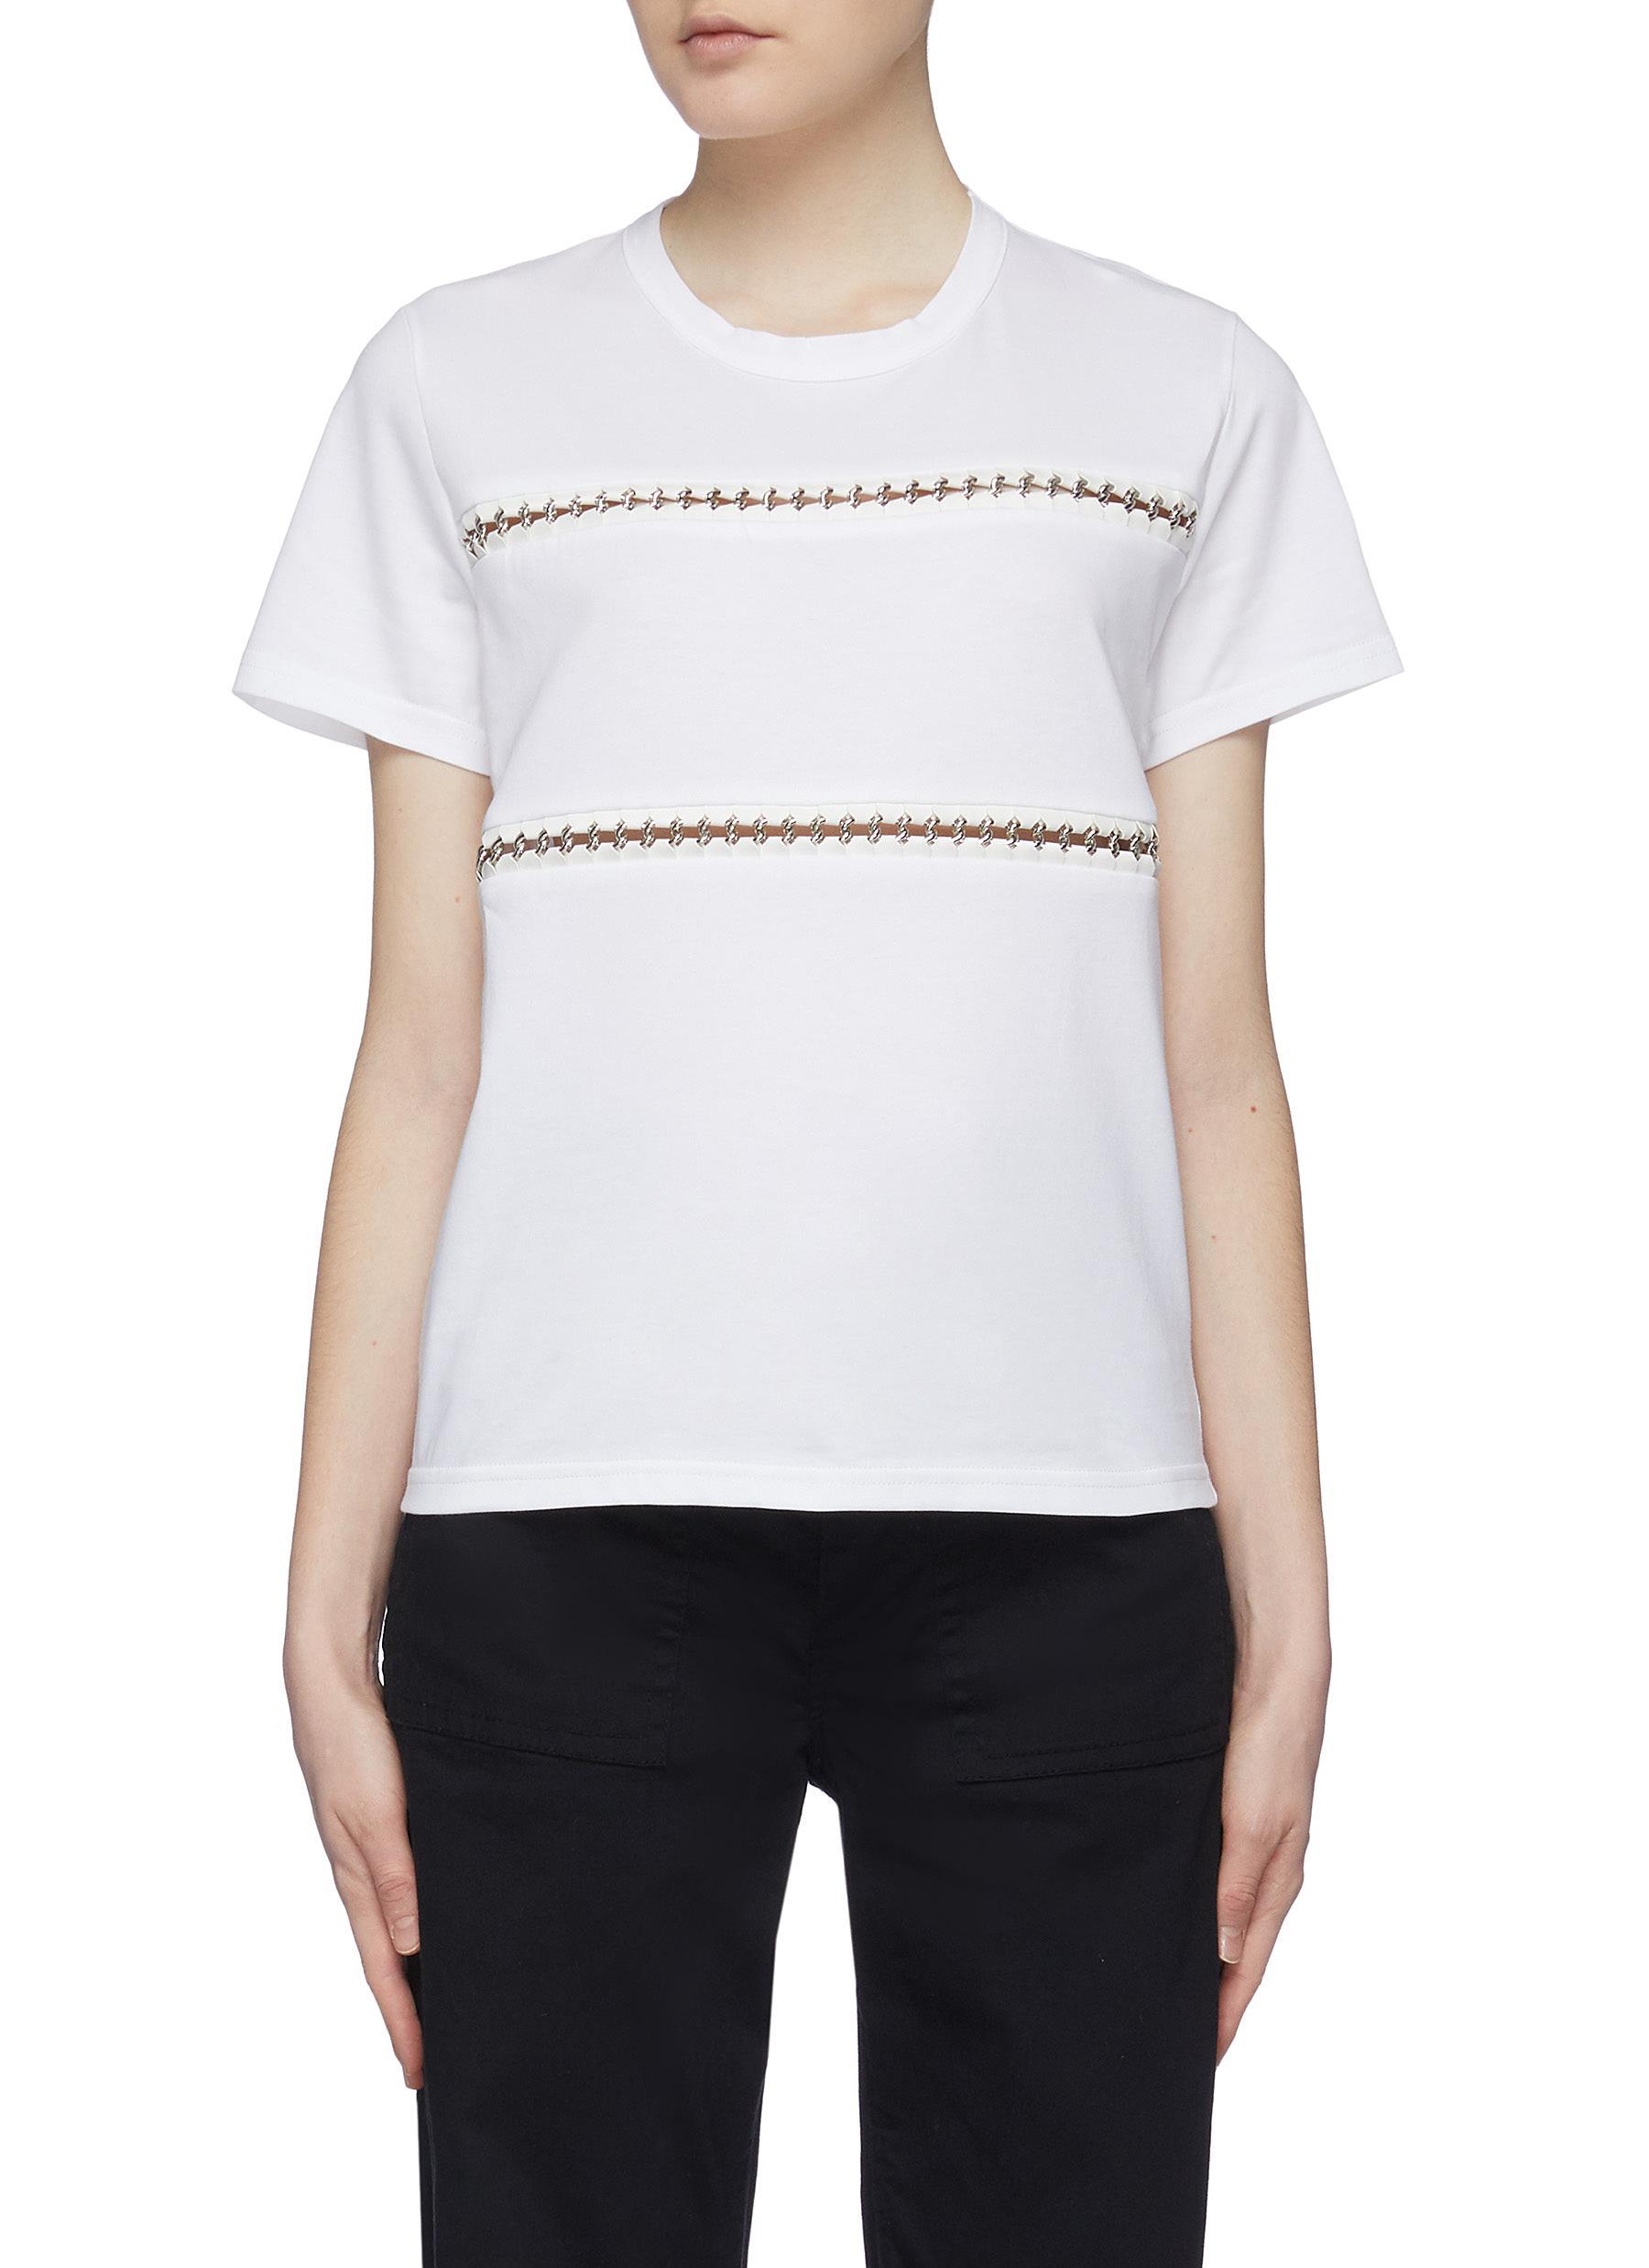 x Noir Kei Ninomiya metal ring trim cutout T-shirt by Moncler Genius